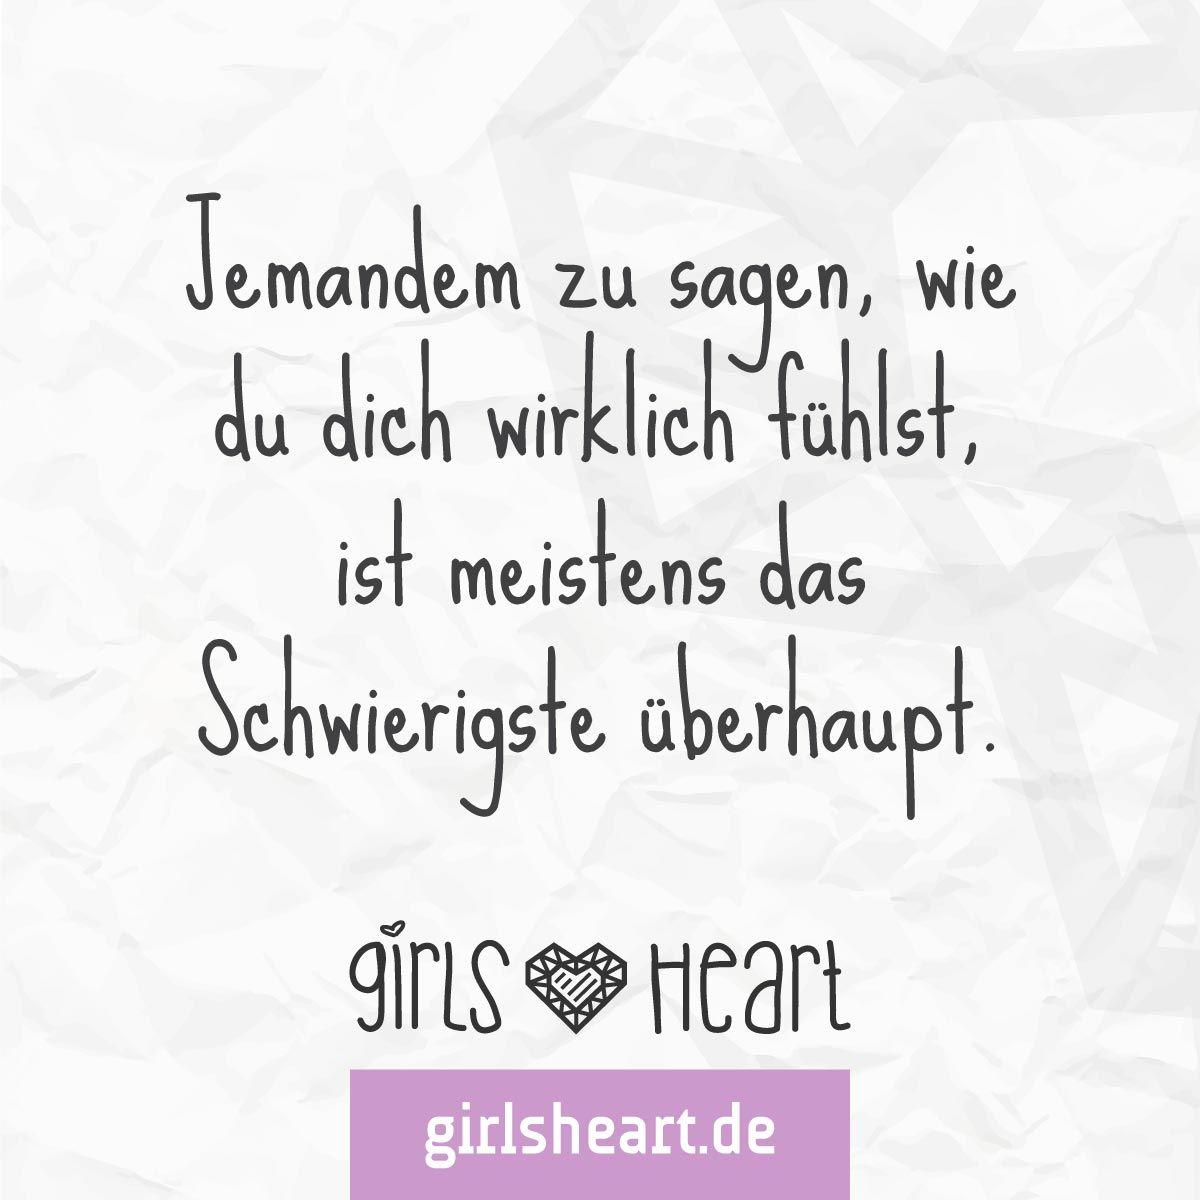 mehr sprüche auf: www.girlsheart.de #gefühle #reden #gespräch